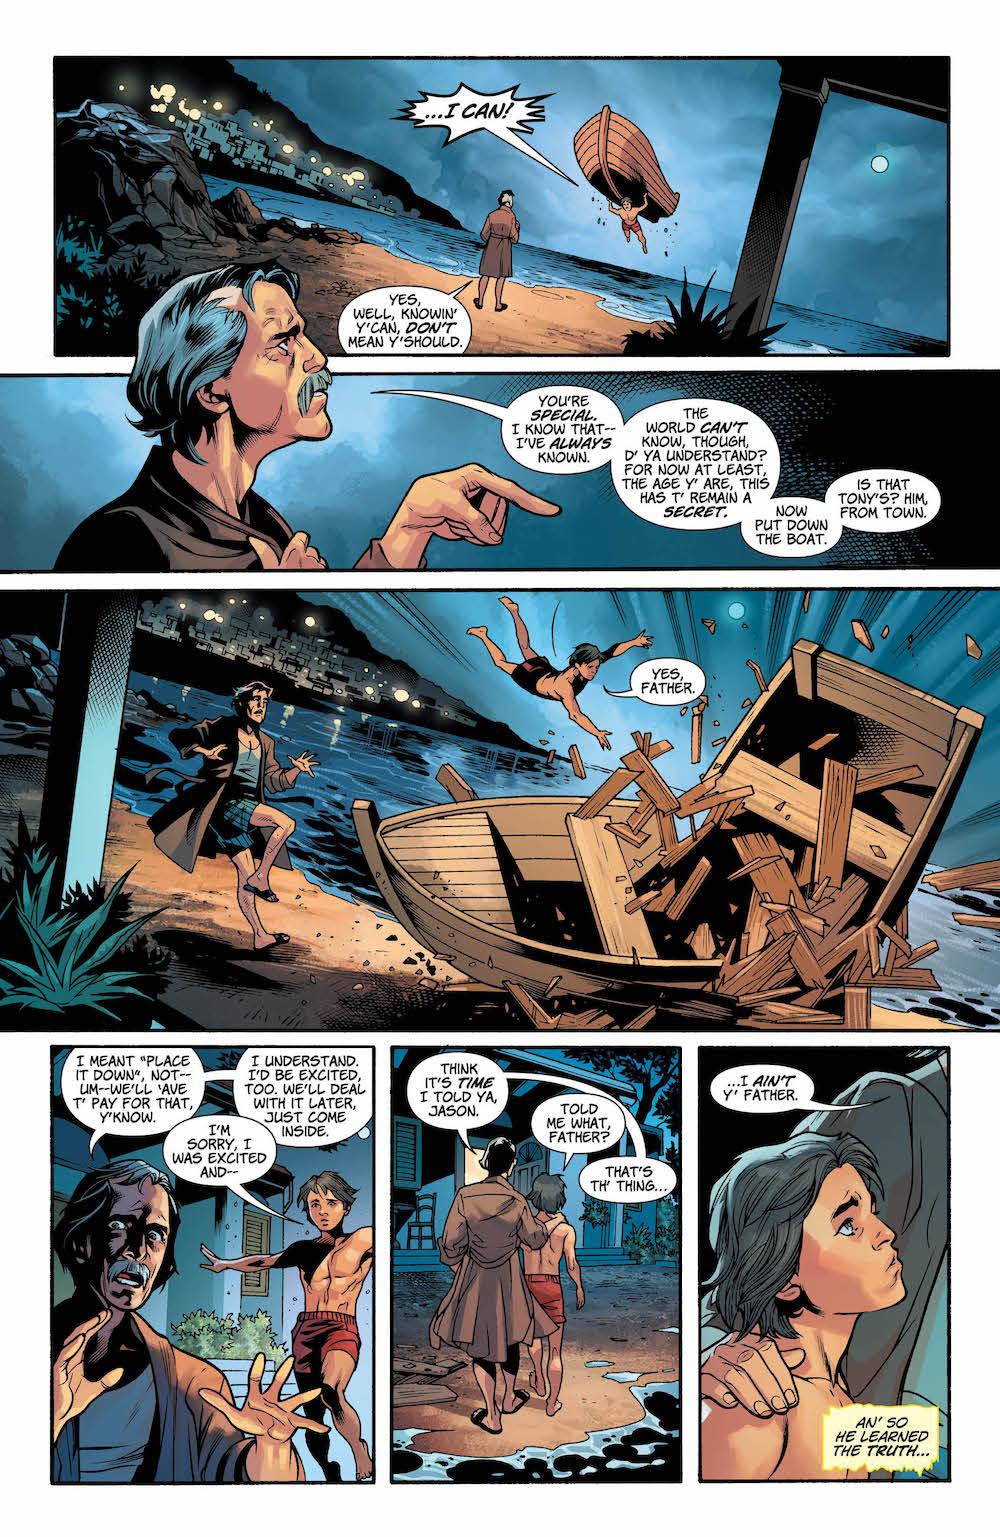 Wonder Woman #35, 2017